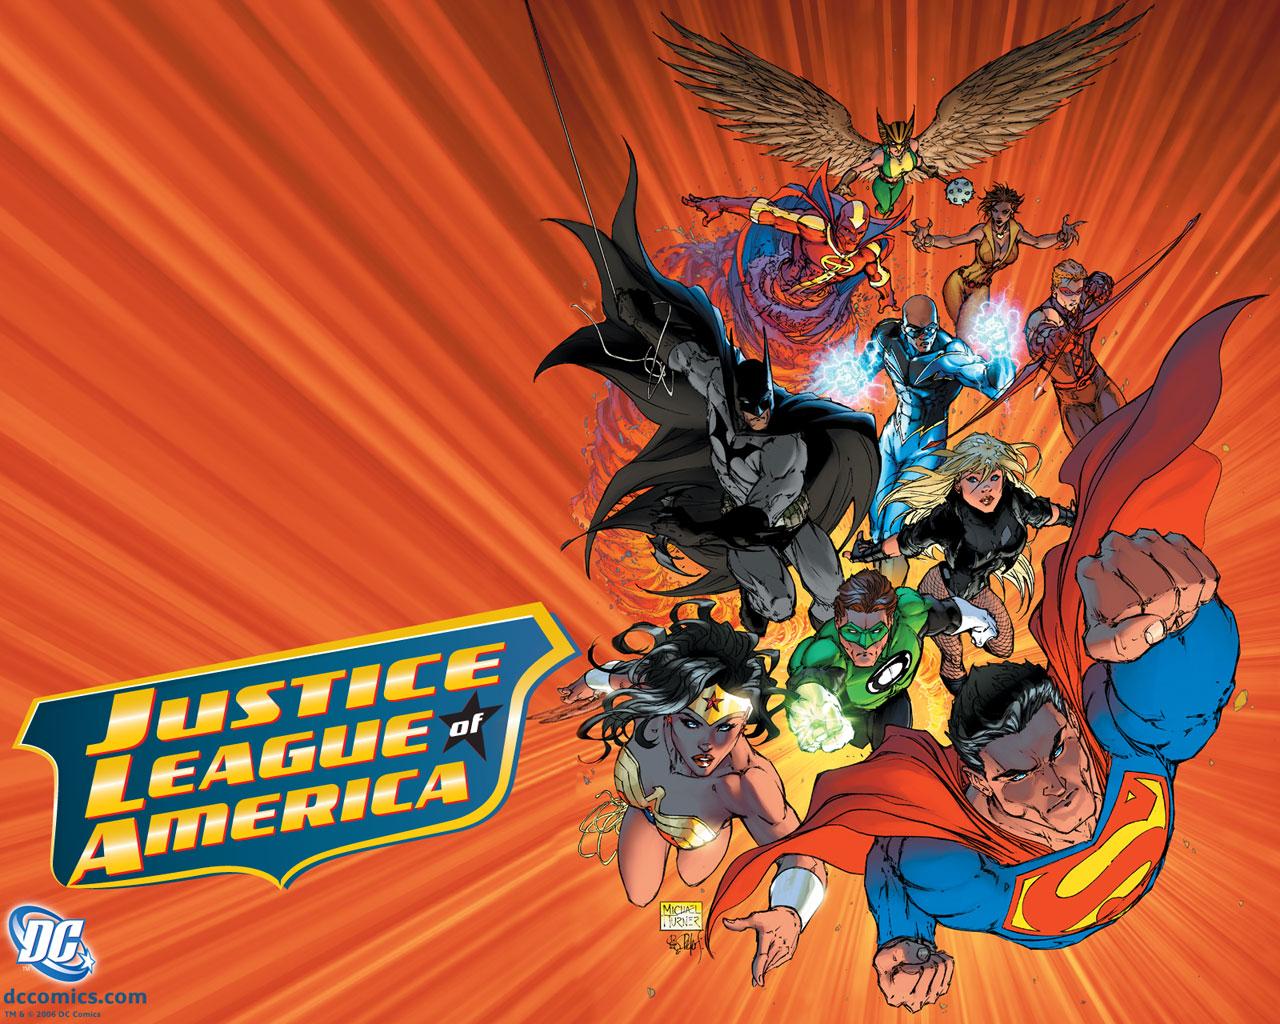 http://4.bp.blogspot.com/-PXuPfO2HWiY/T1YfvkZfHrI/AAAAAAAAARo/FTGkwc0Tcac/s1600/Justice_League_of_America_2_1280x1024.jpg